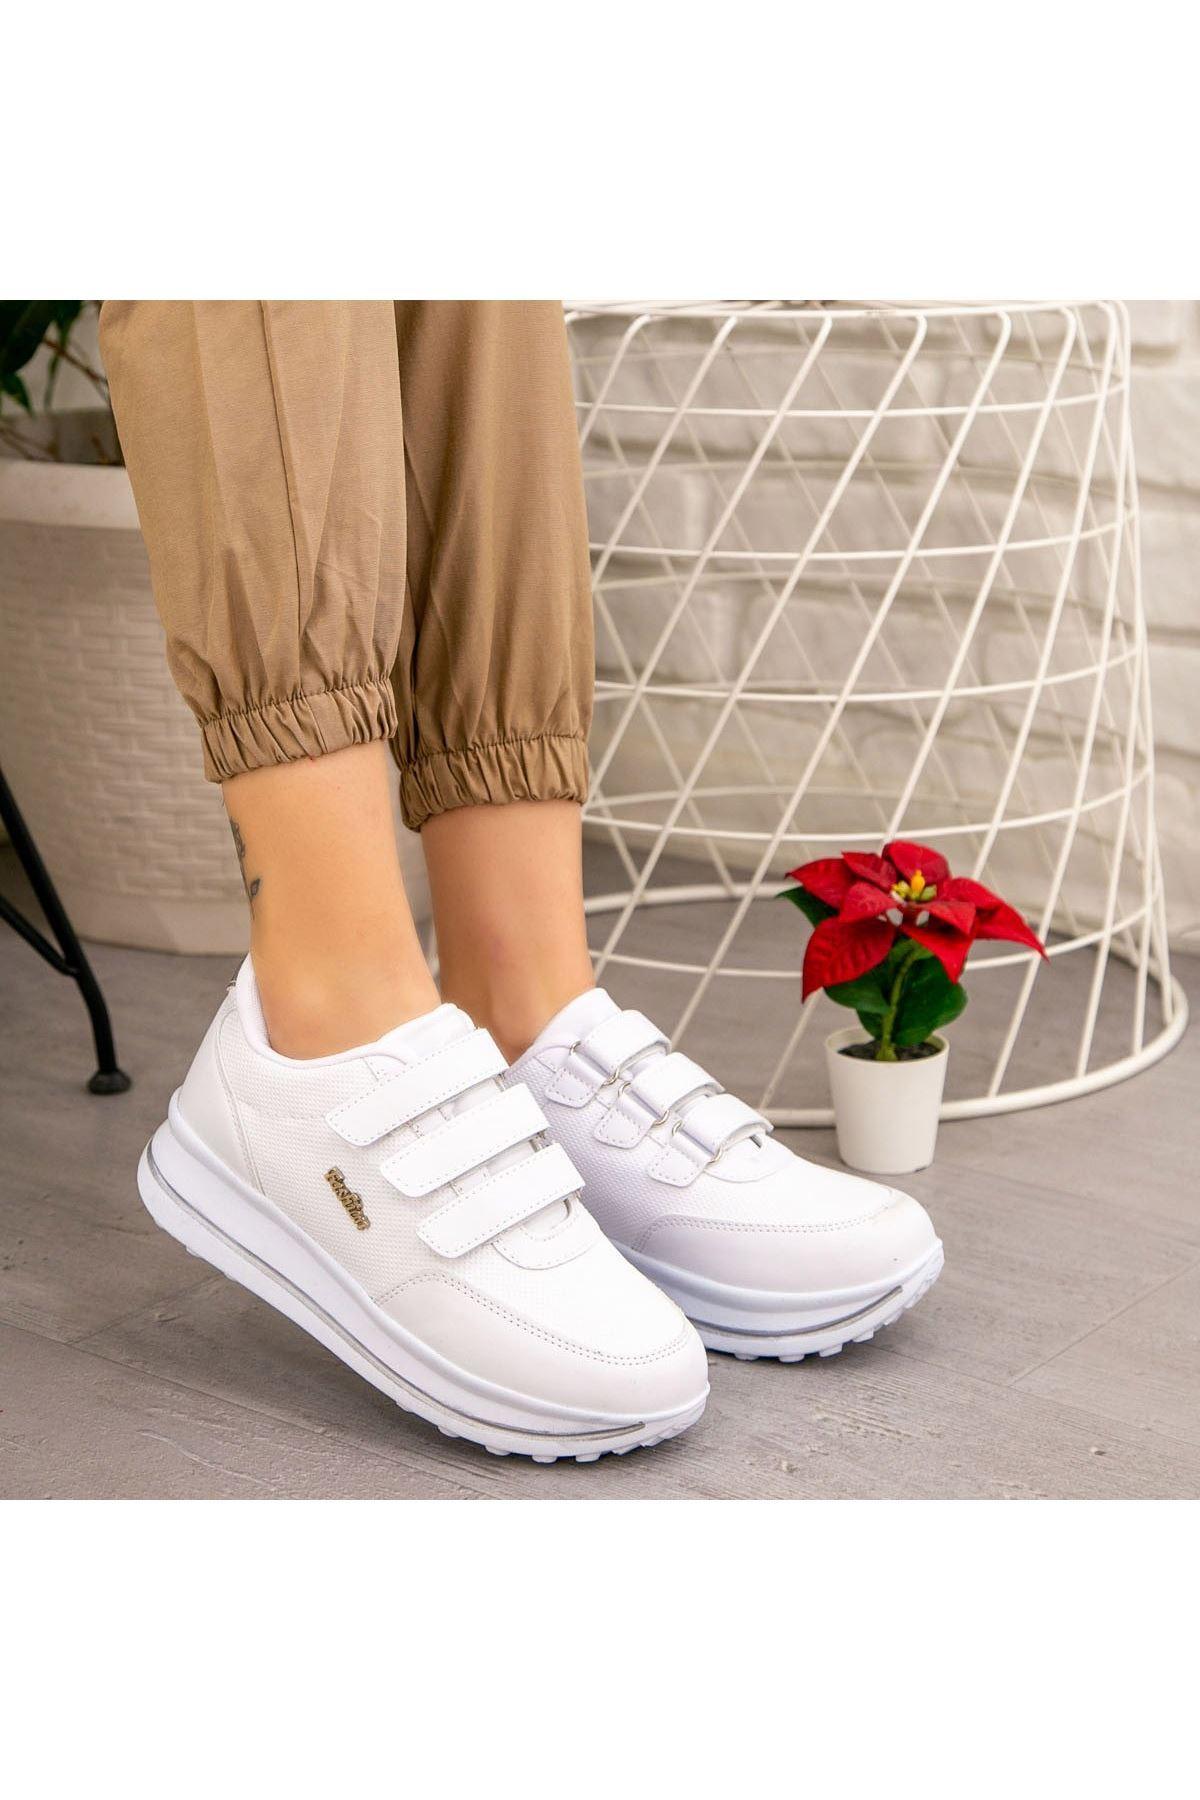 Remi Beyaz Cilt Spor Ayakkabı